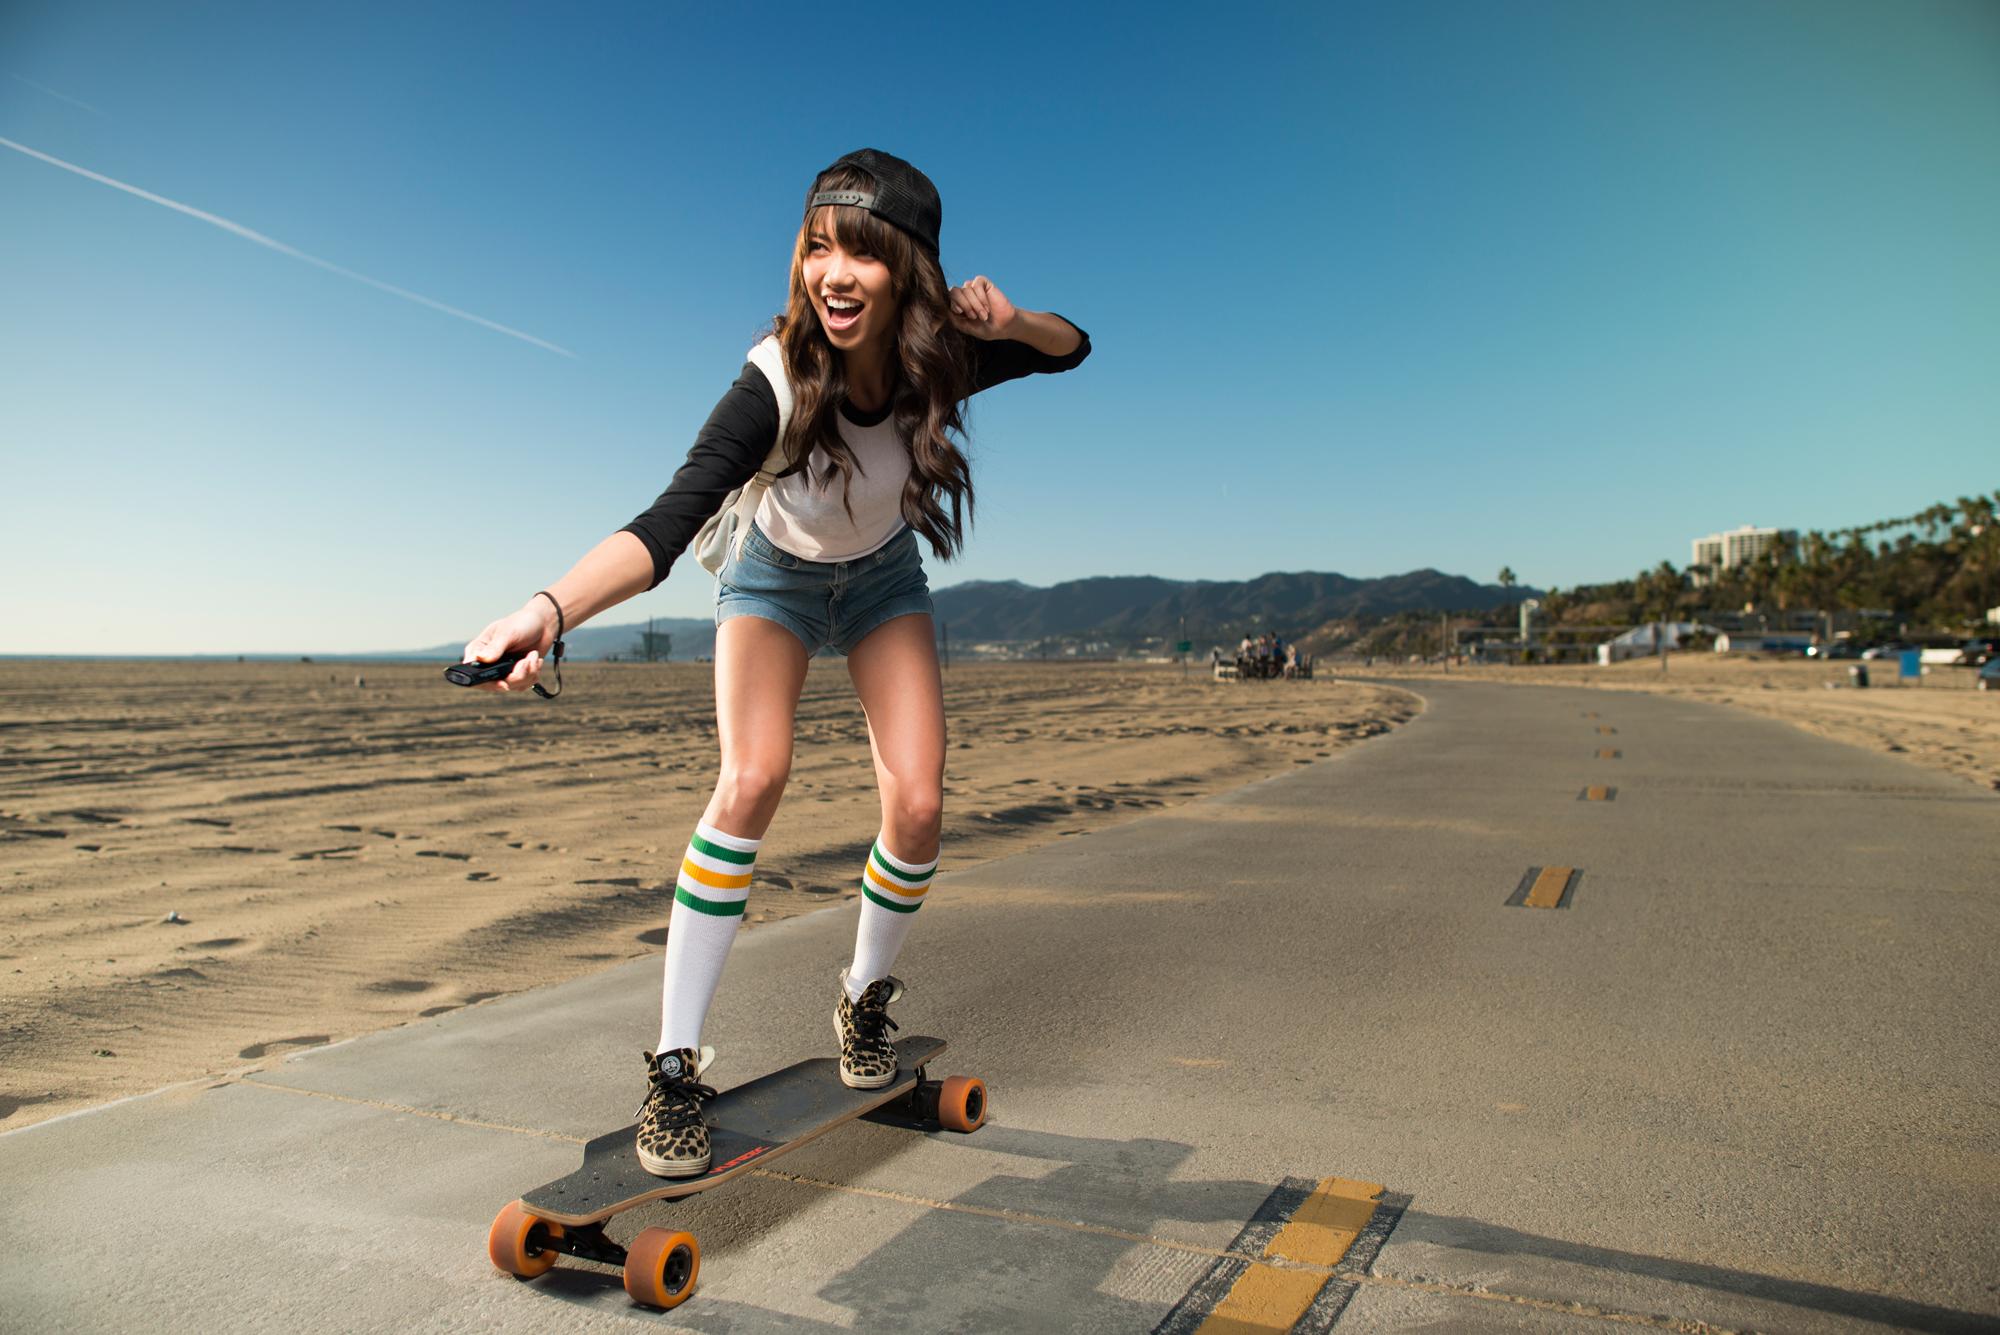 Skateboard Electrique – Yuneec E-Go 355€